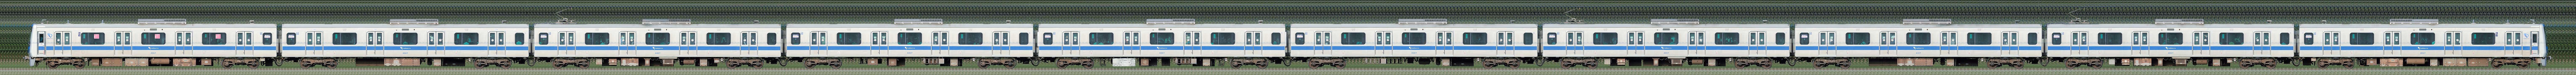 小田急4000形(1次車)4057×10(海側)の編成サイドビュー